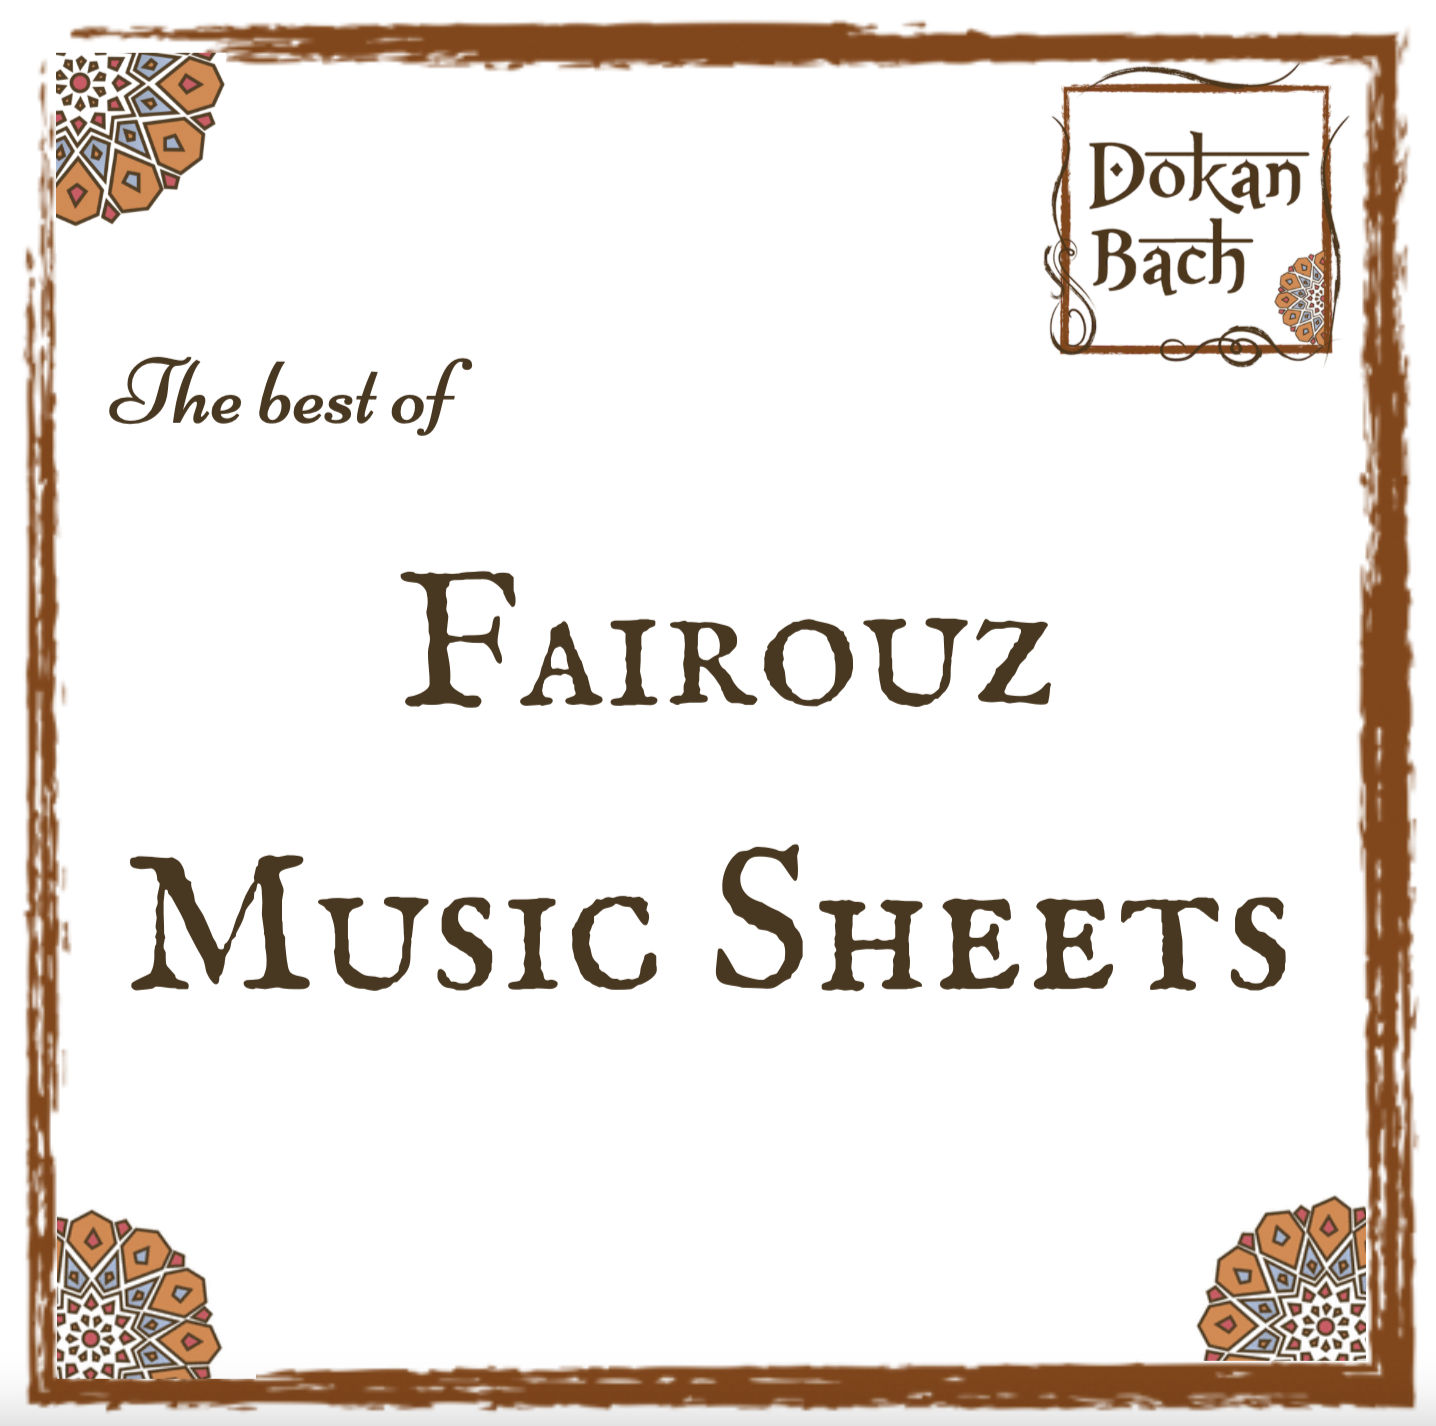 Fayrouz Music Sheets Dokan Bach